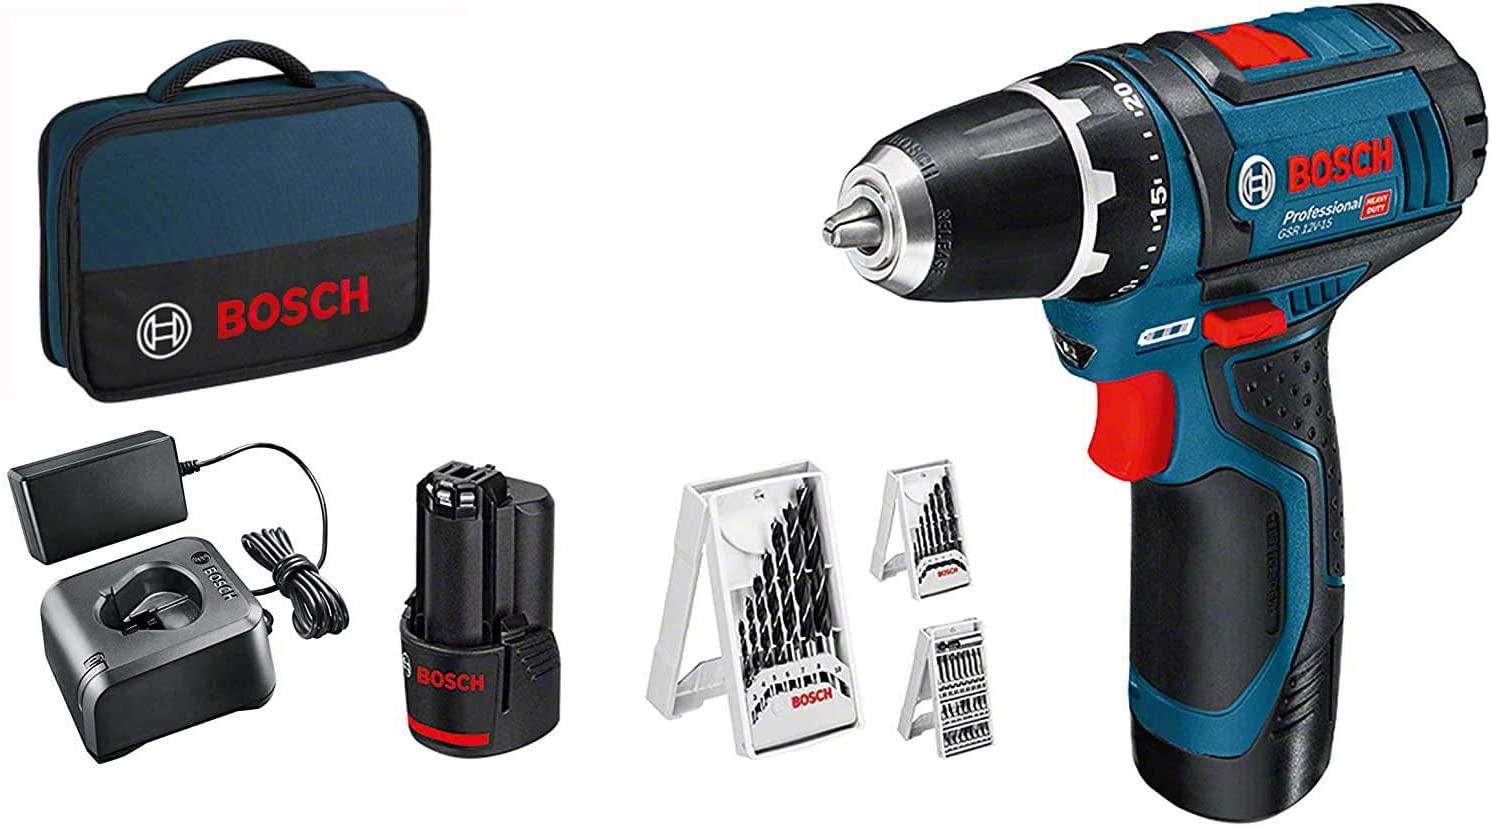 Perceuse-visseuse Sans-fil Bosch Professional GSR 12V-15 - 2 batteries + Pack d'accessoires, Soft bag